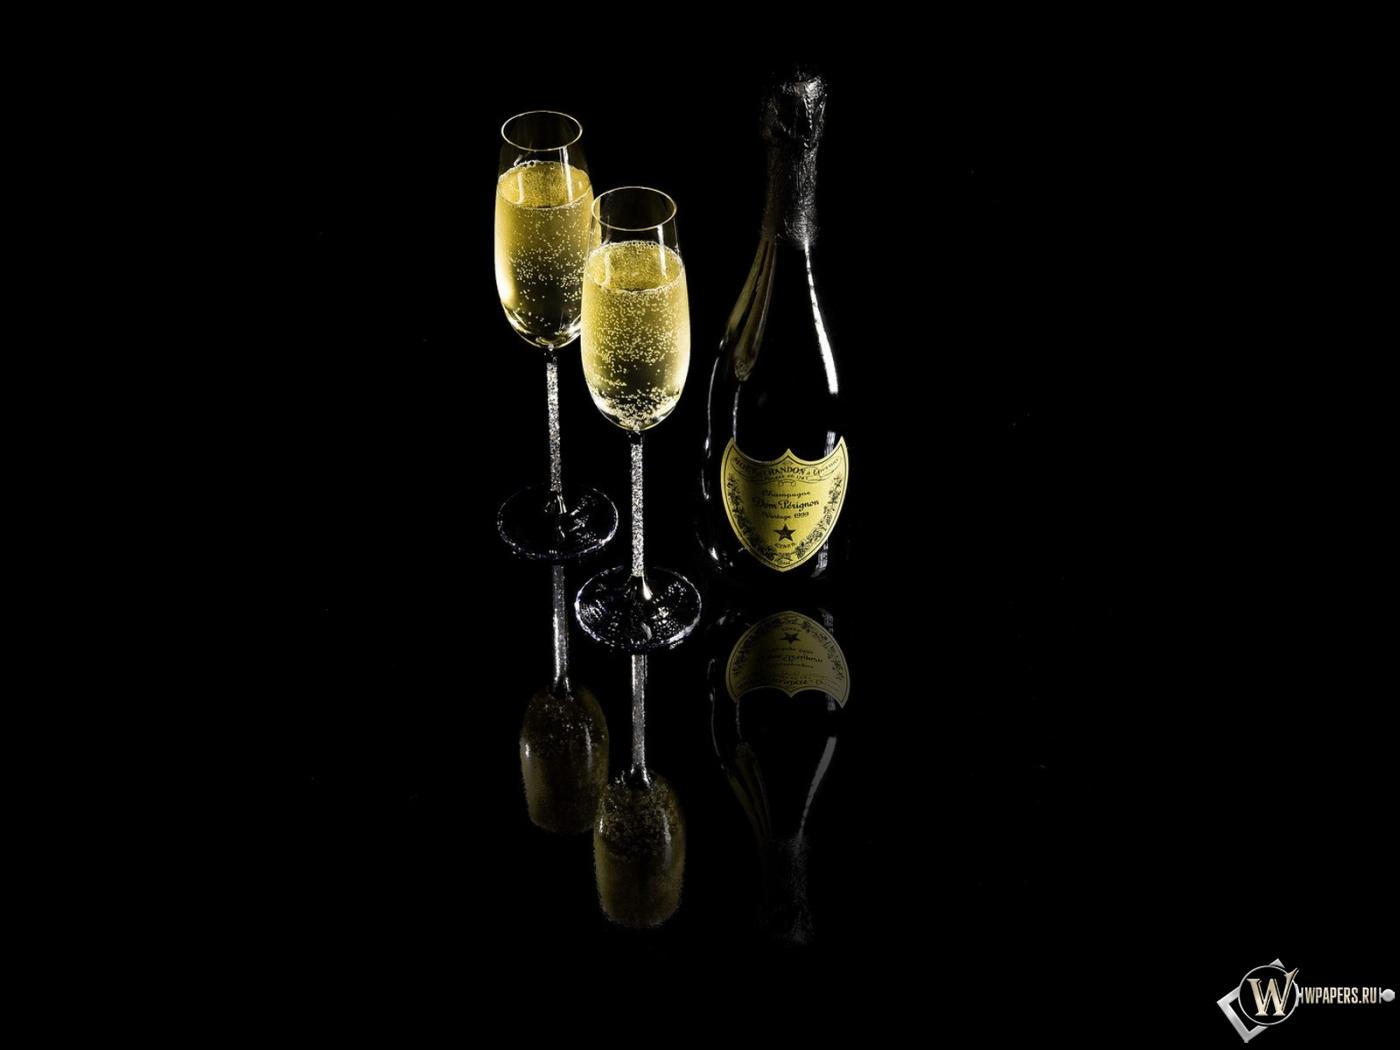 Обои шампанское dom perignon на рабочий